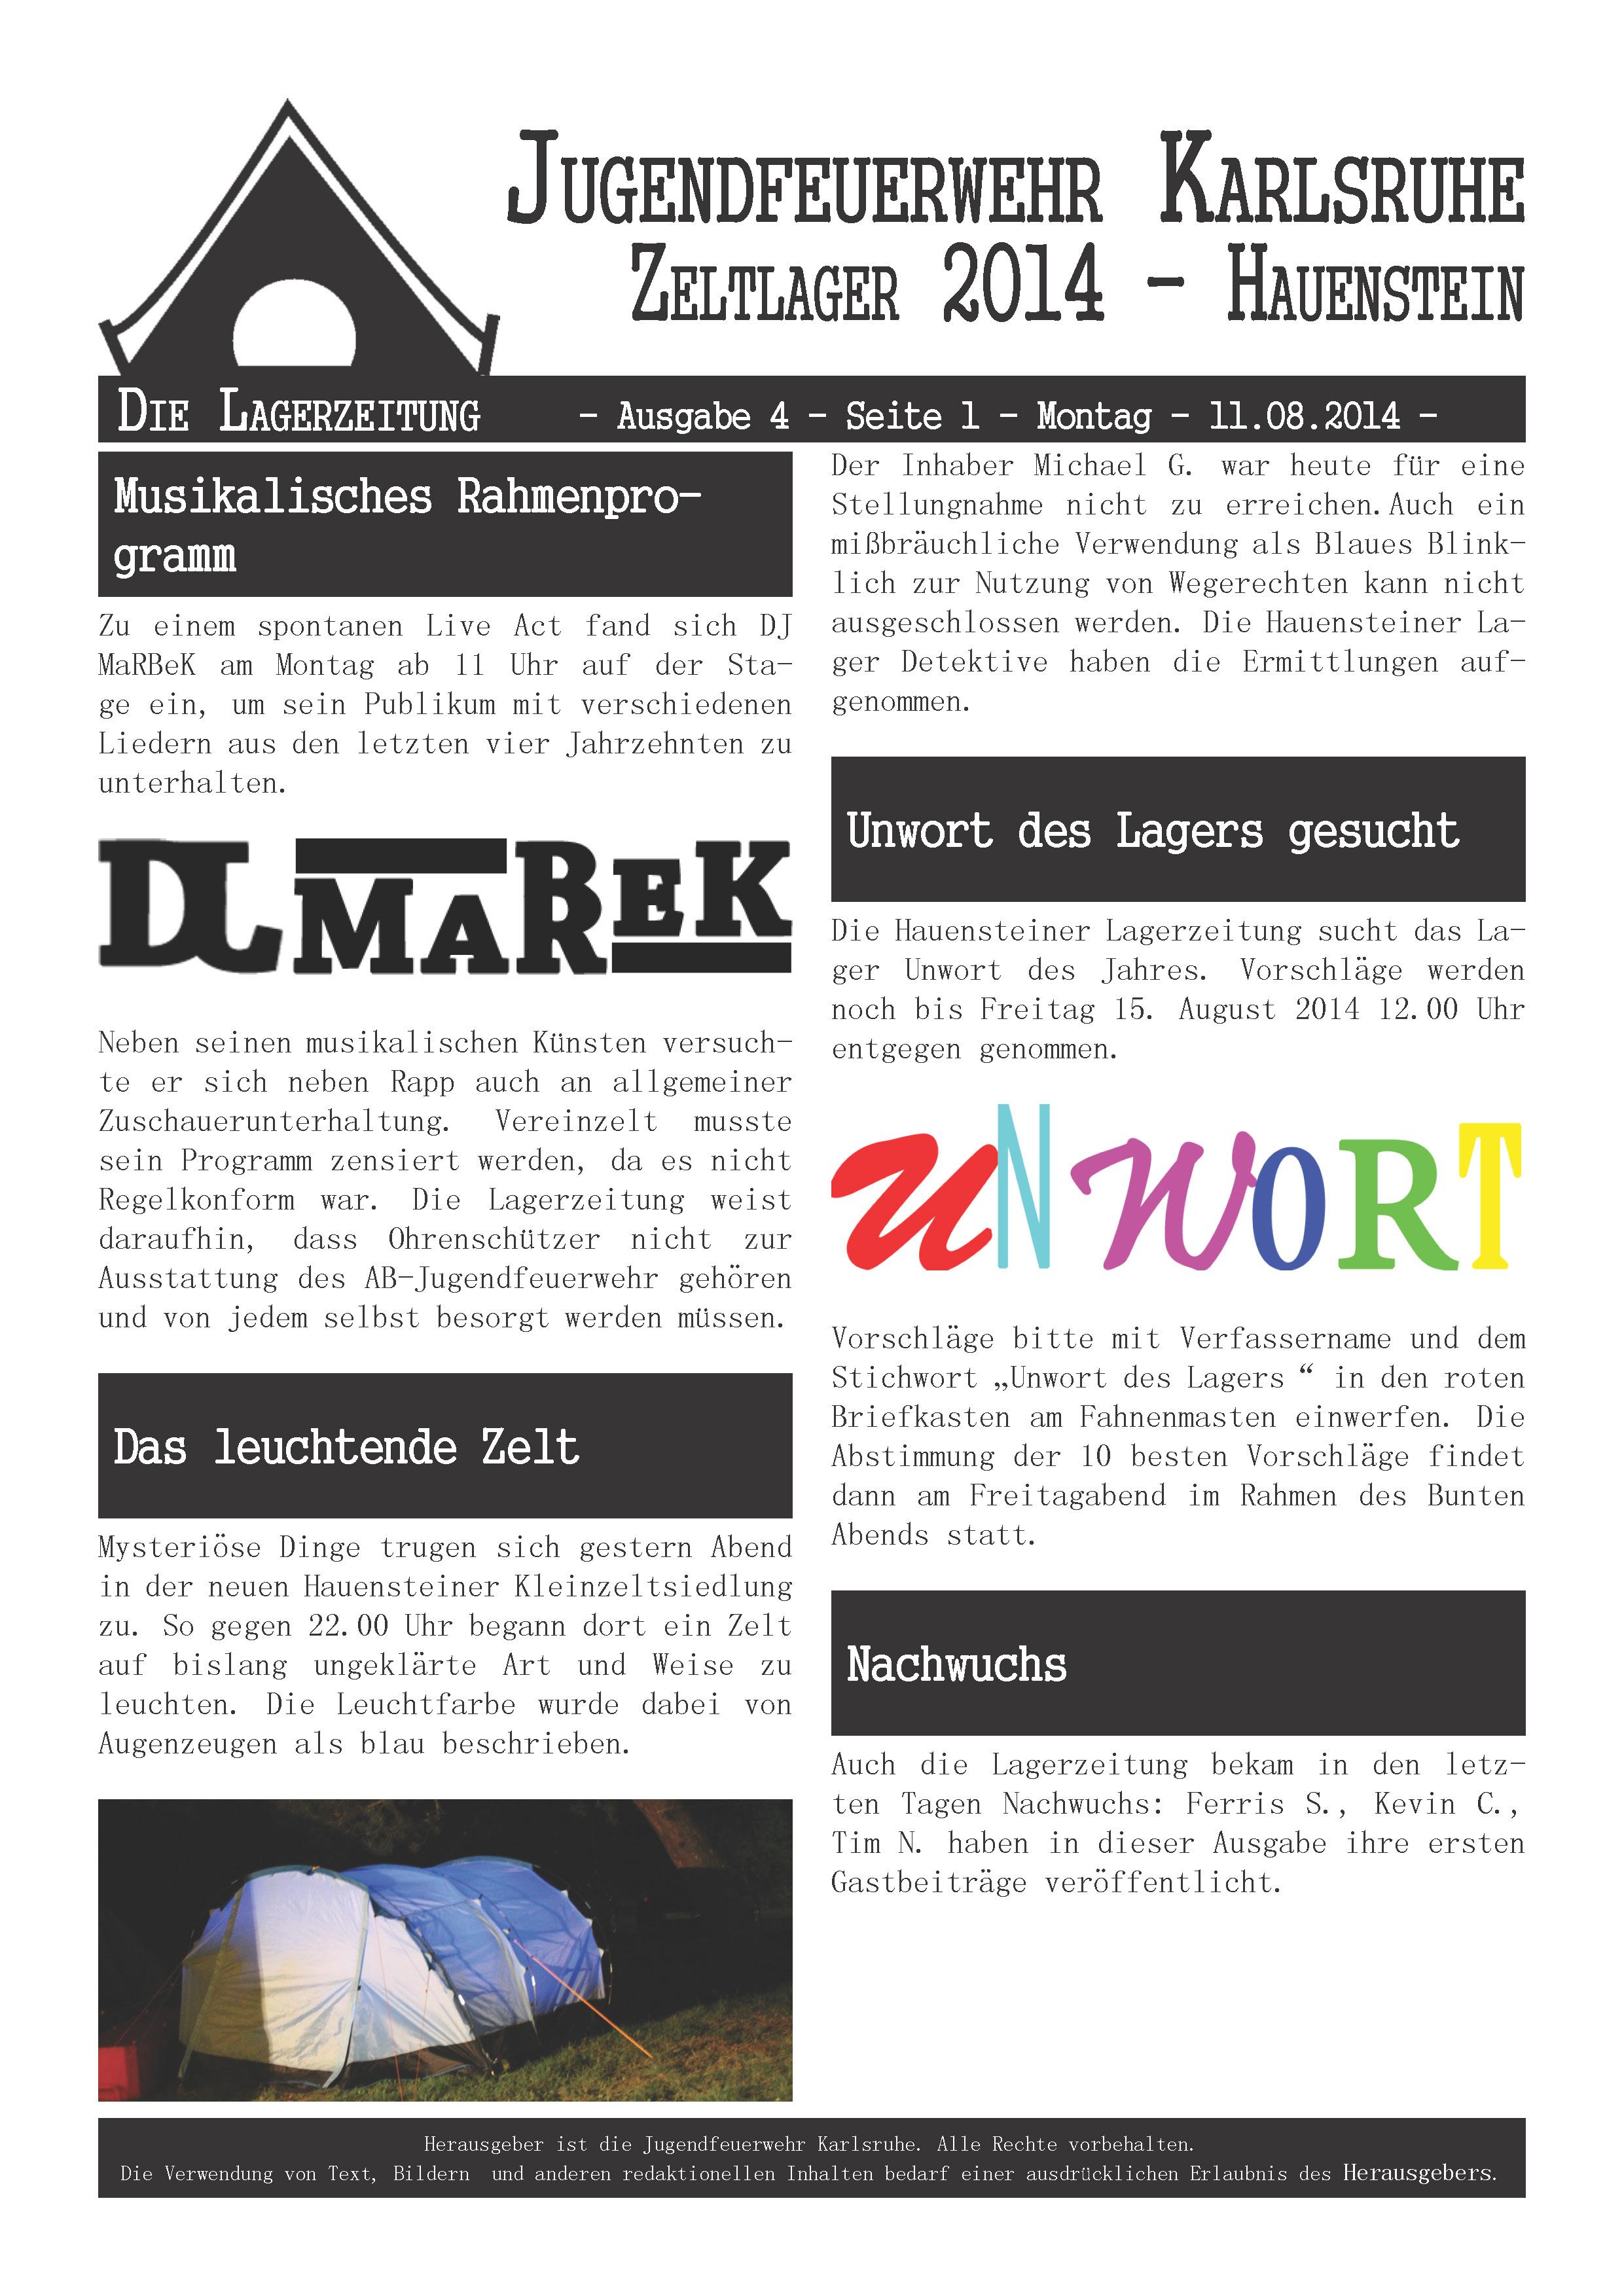 Charmant Zeitung Rahmen Michaels Fotos - Benutzerdefinierte ...